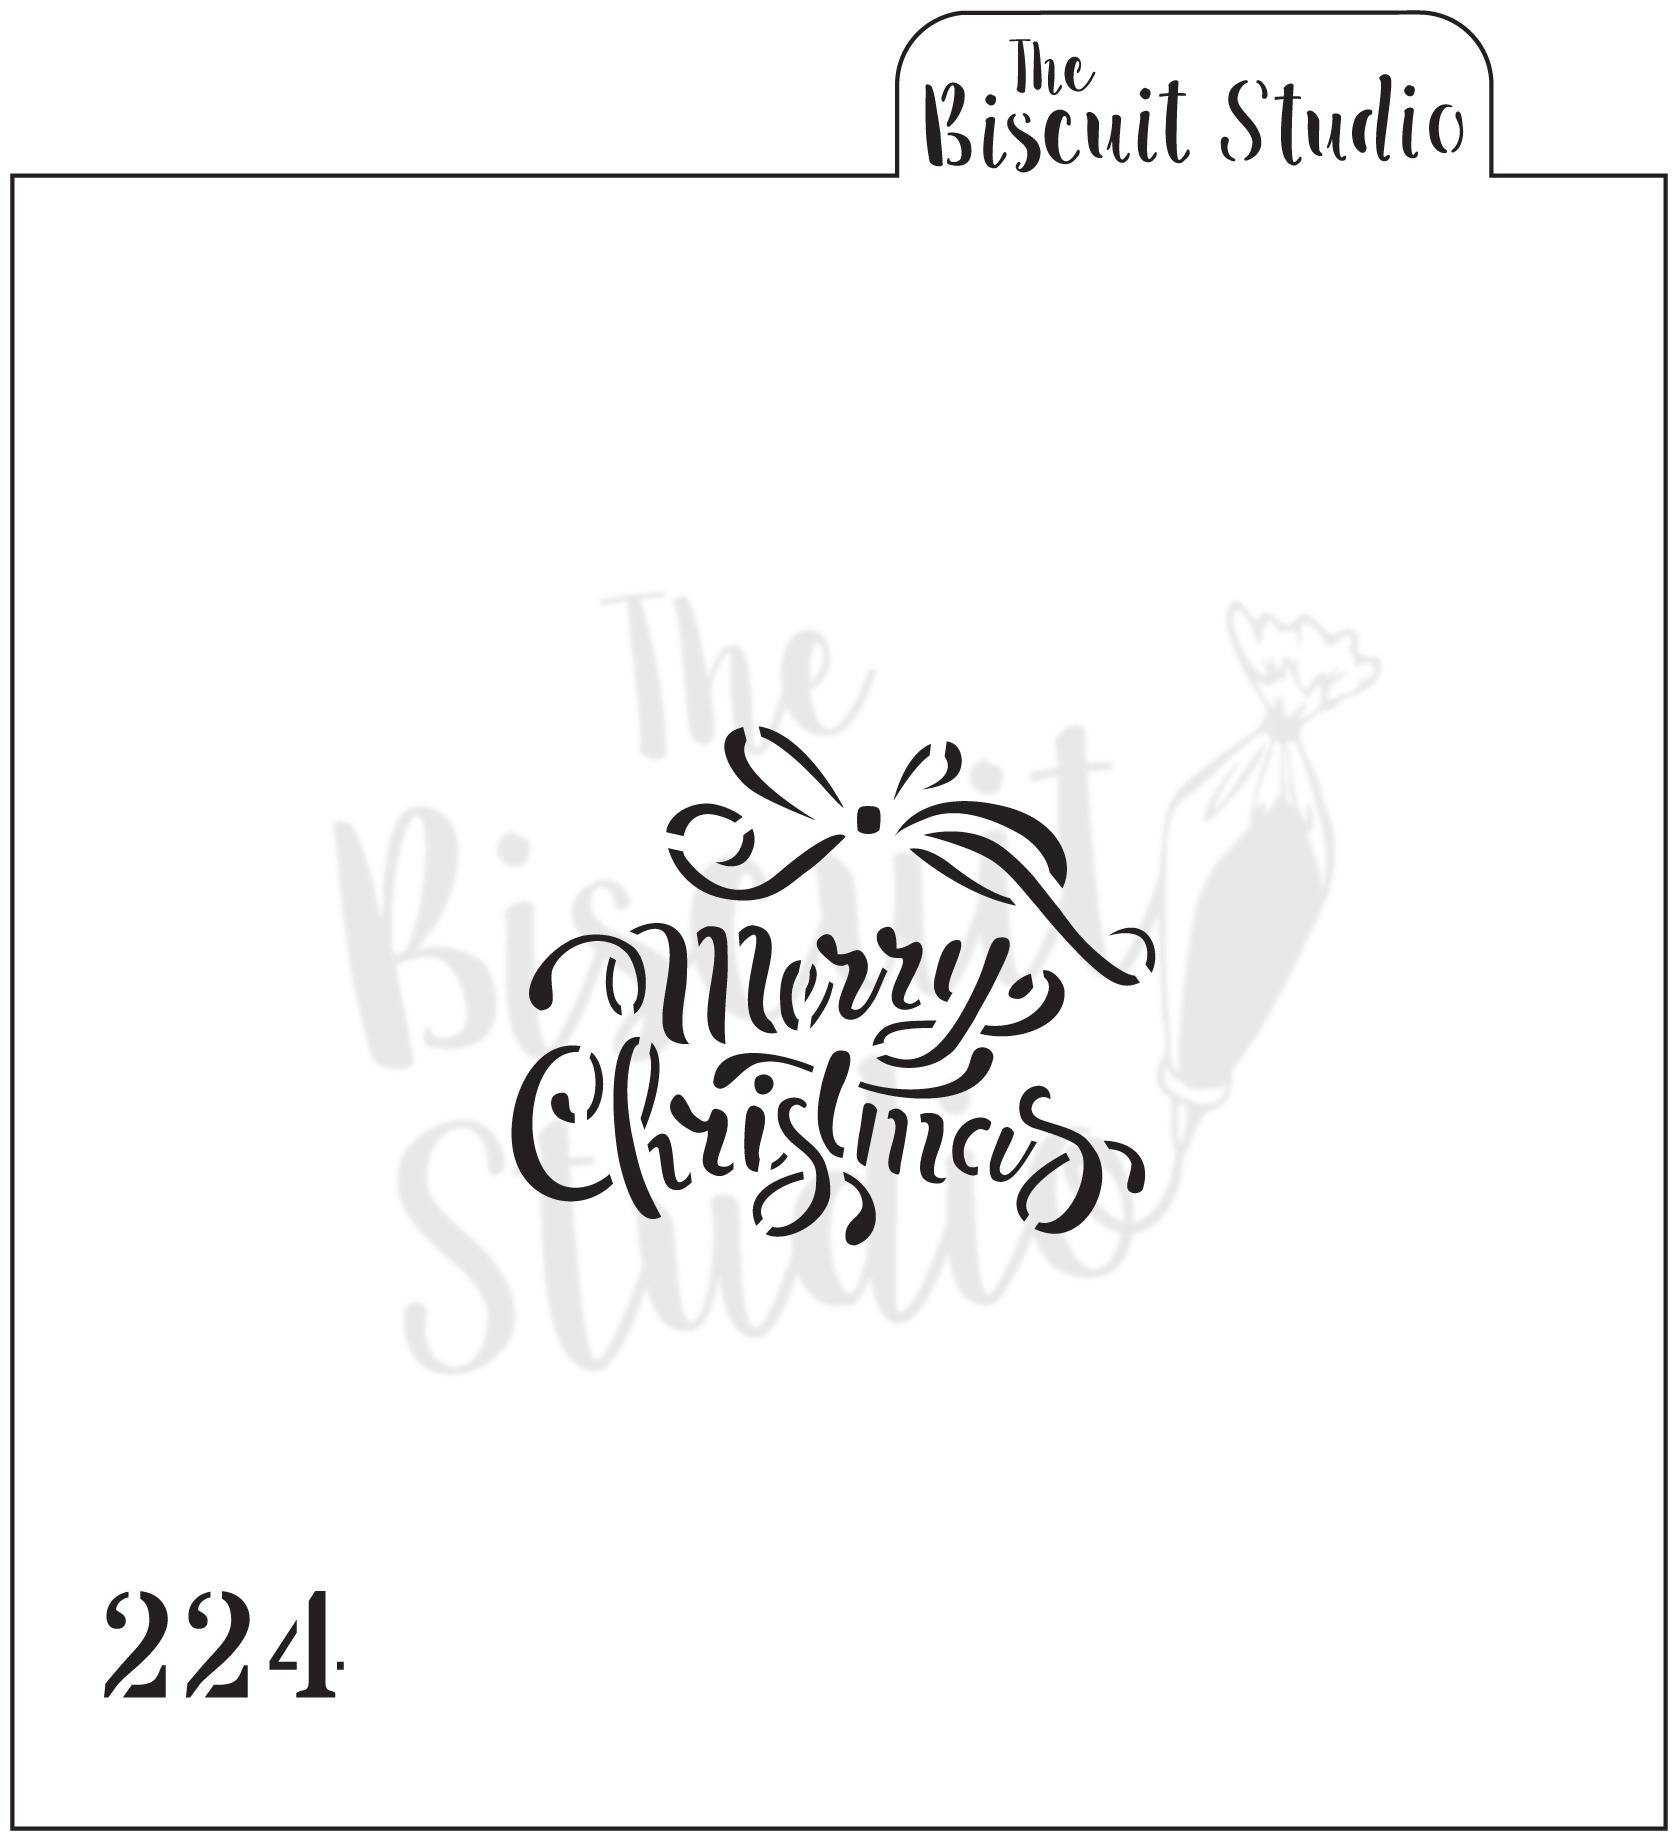 Merry-christmas-script-224 | The Biscuit Studio